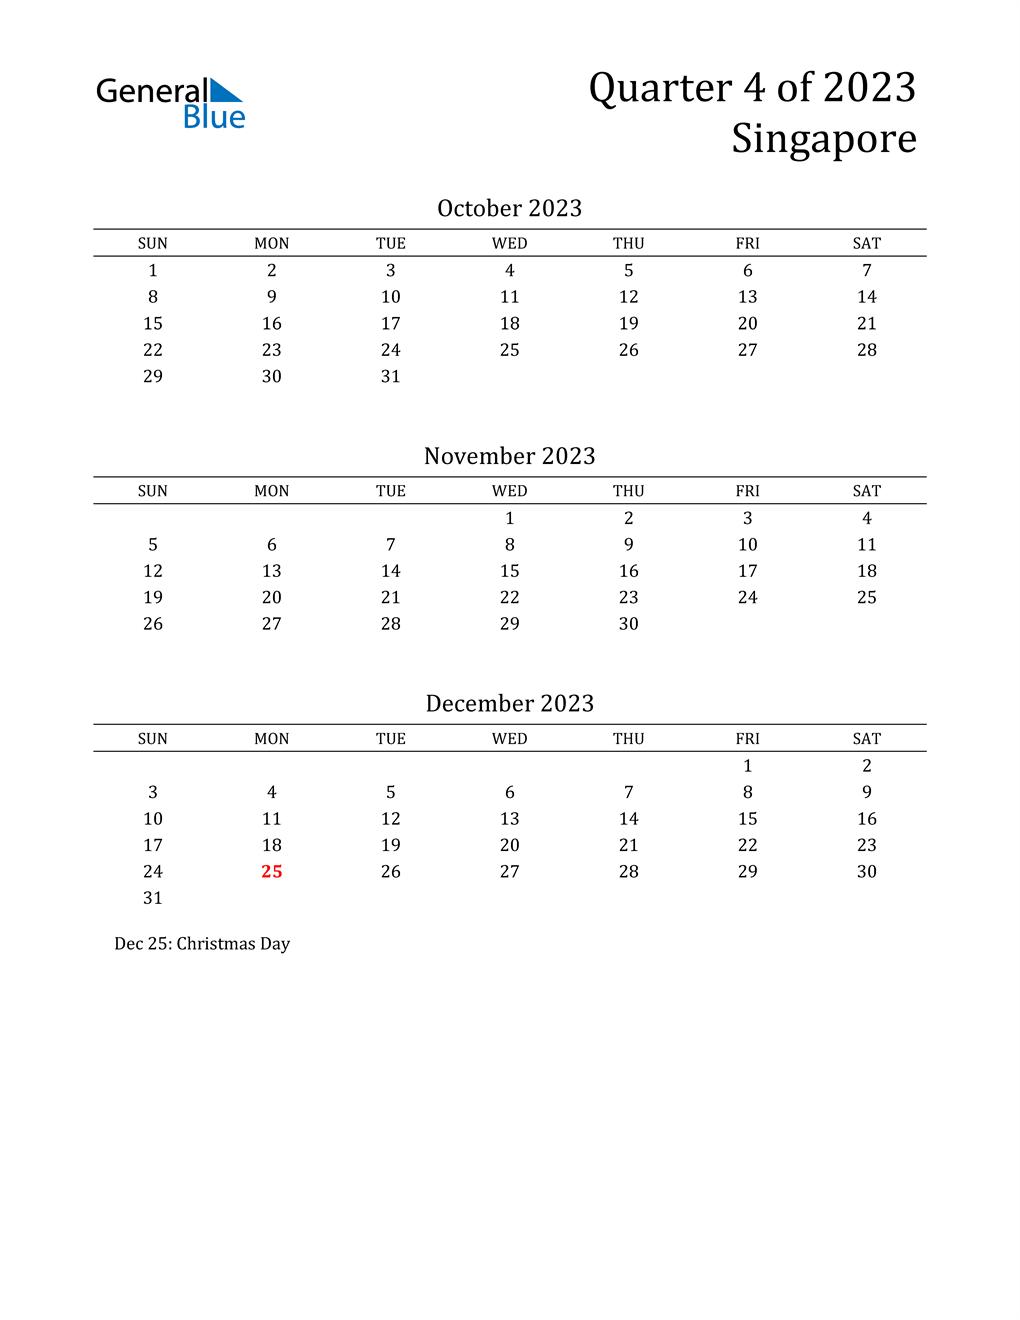 2023 Singapore Quarterly Calendar